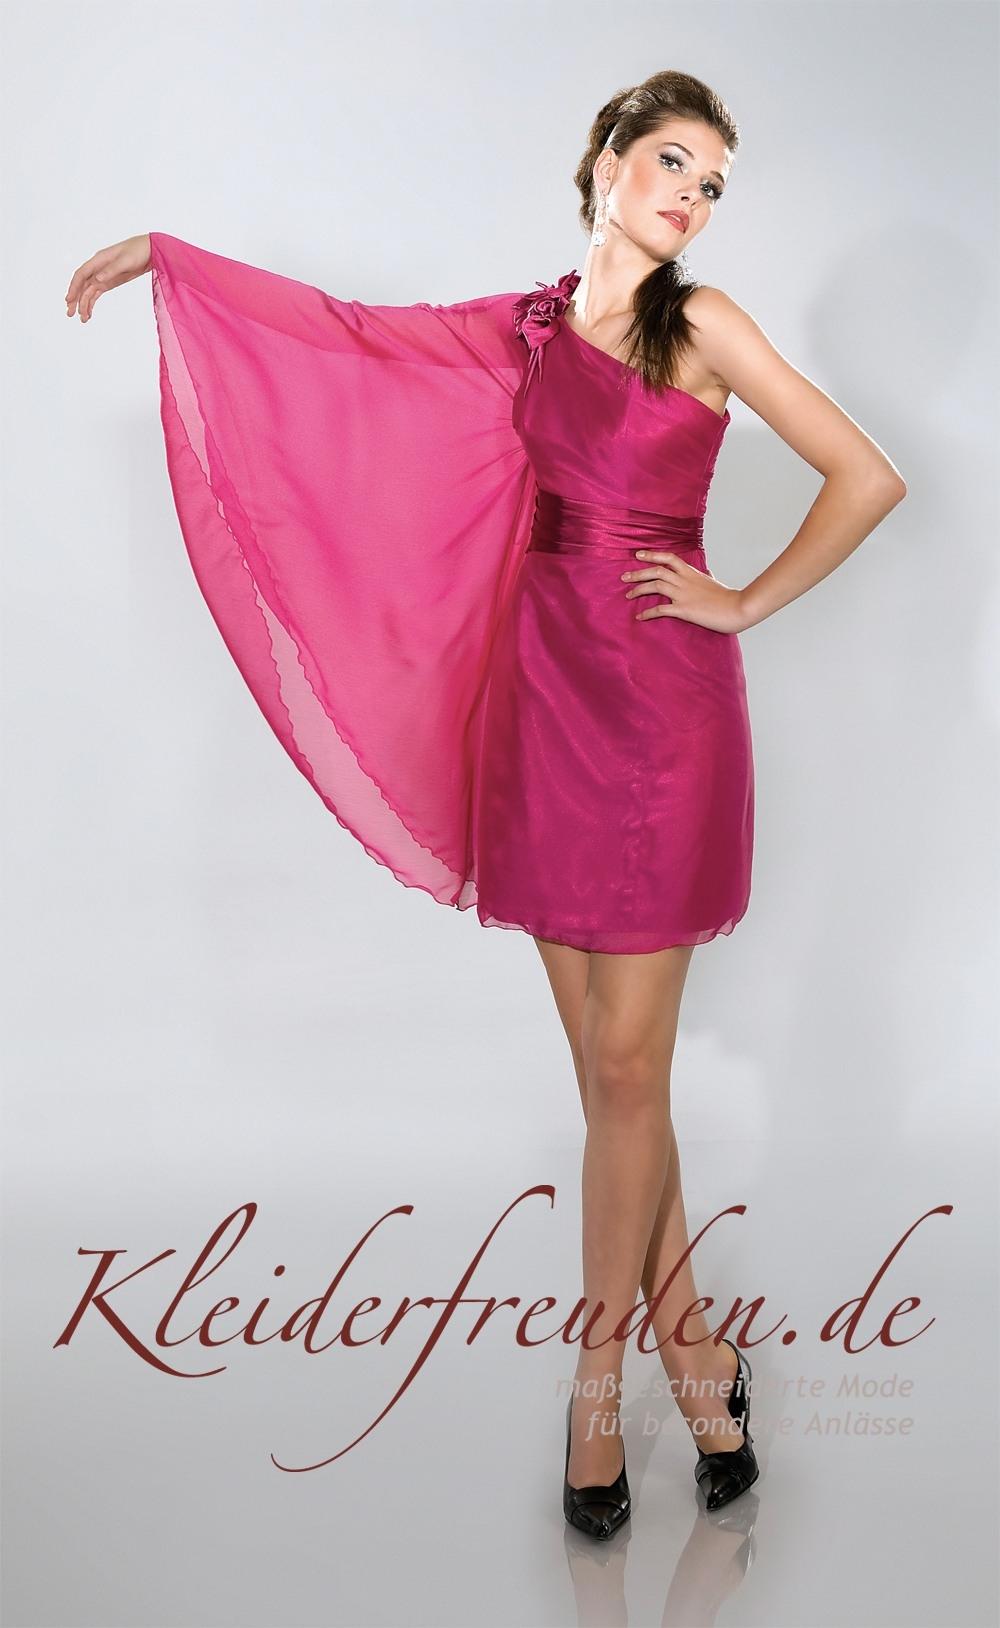 Fantastisch Schöne Kleider Für Eine Hochzeit Galerie15 Perfekt Schöne Kleider Für Eine Hochzeit Spezialgebiet